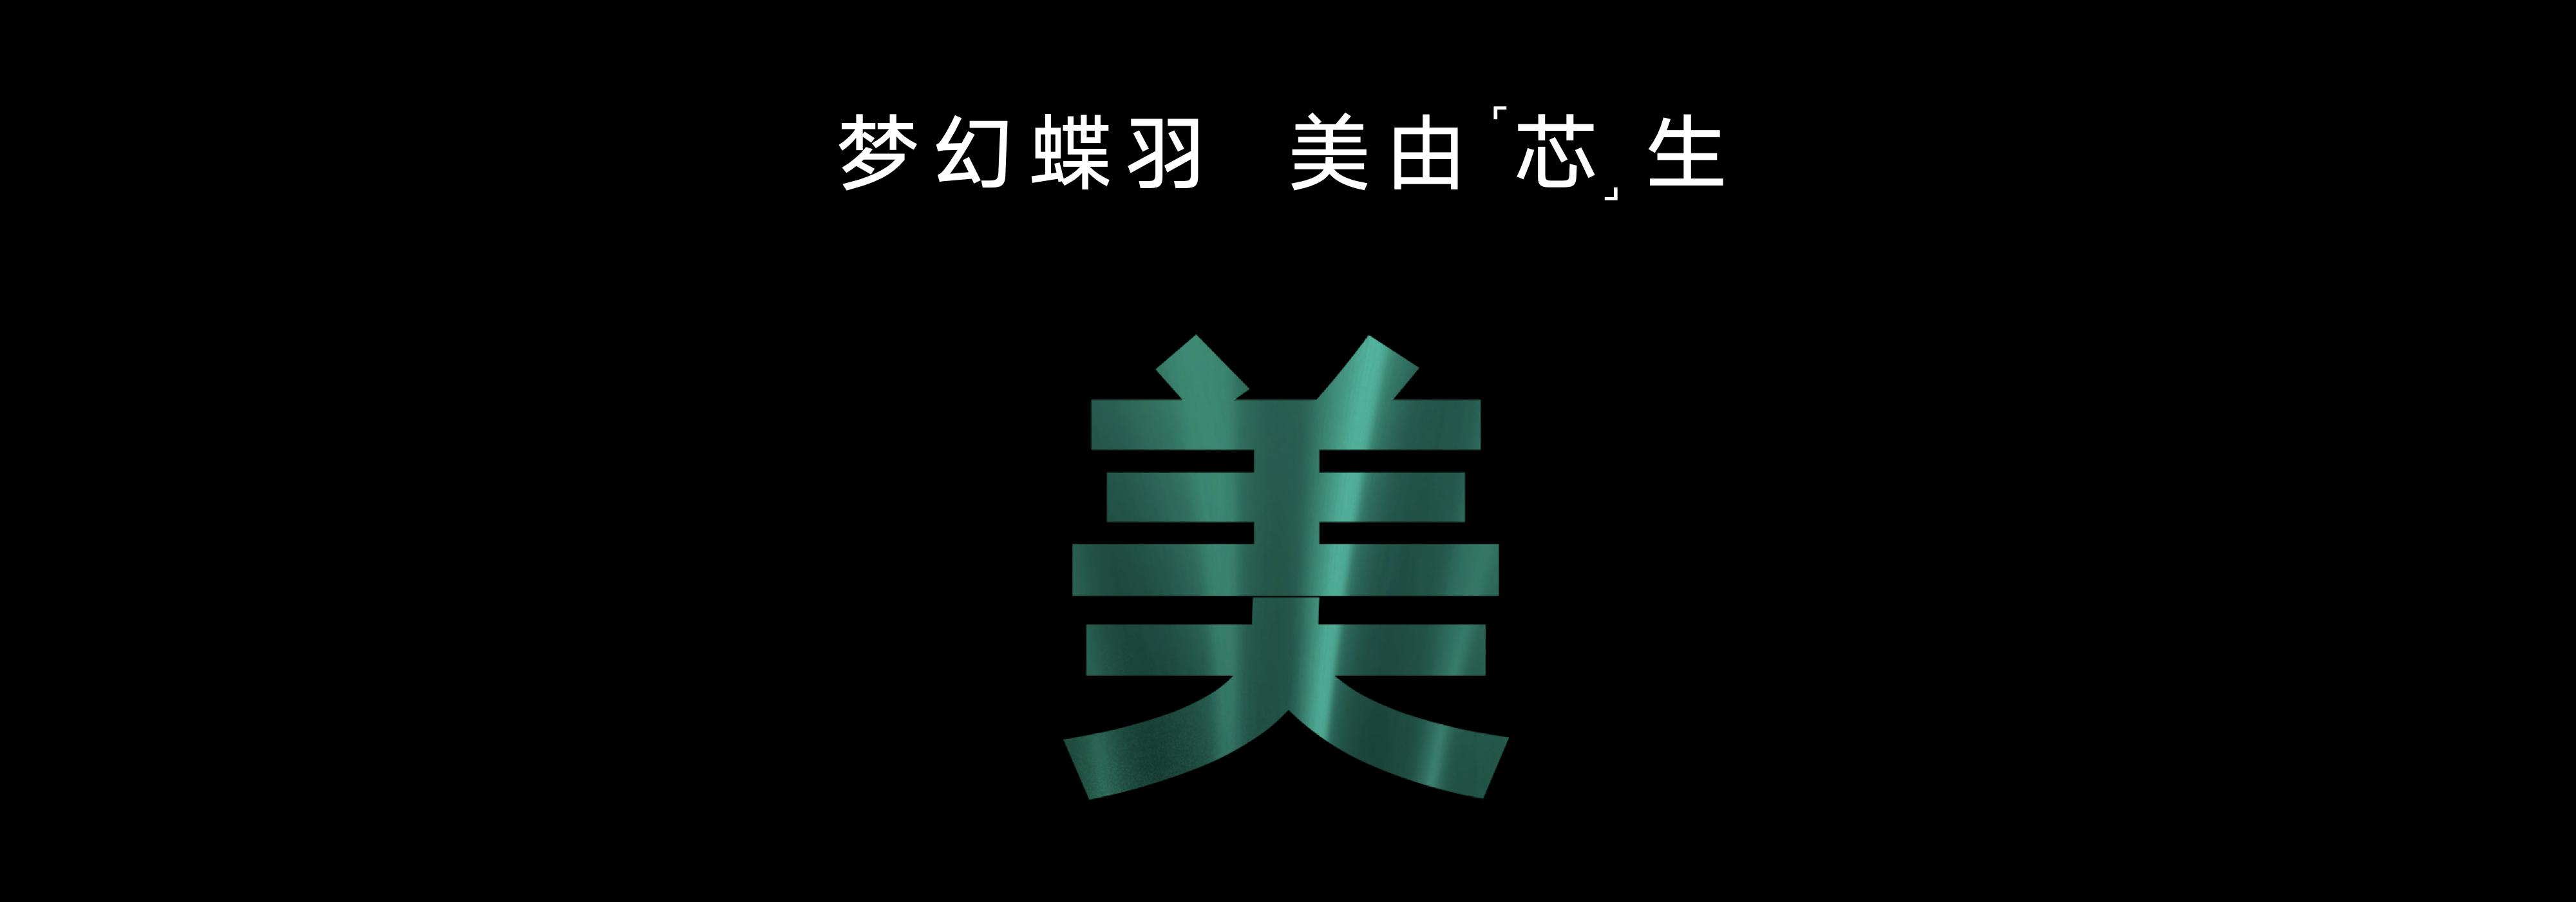 荣耀30S发布会胶片.019.jpeg